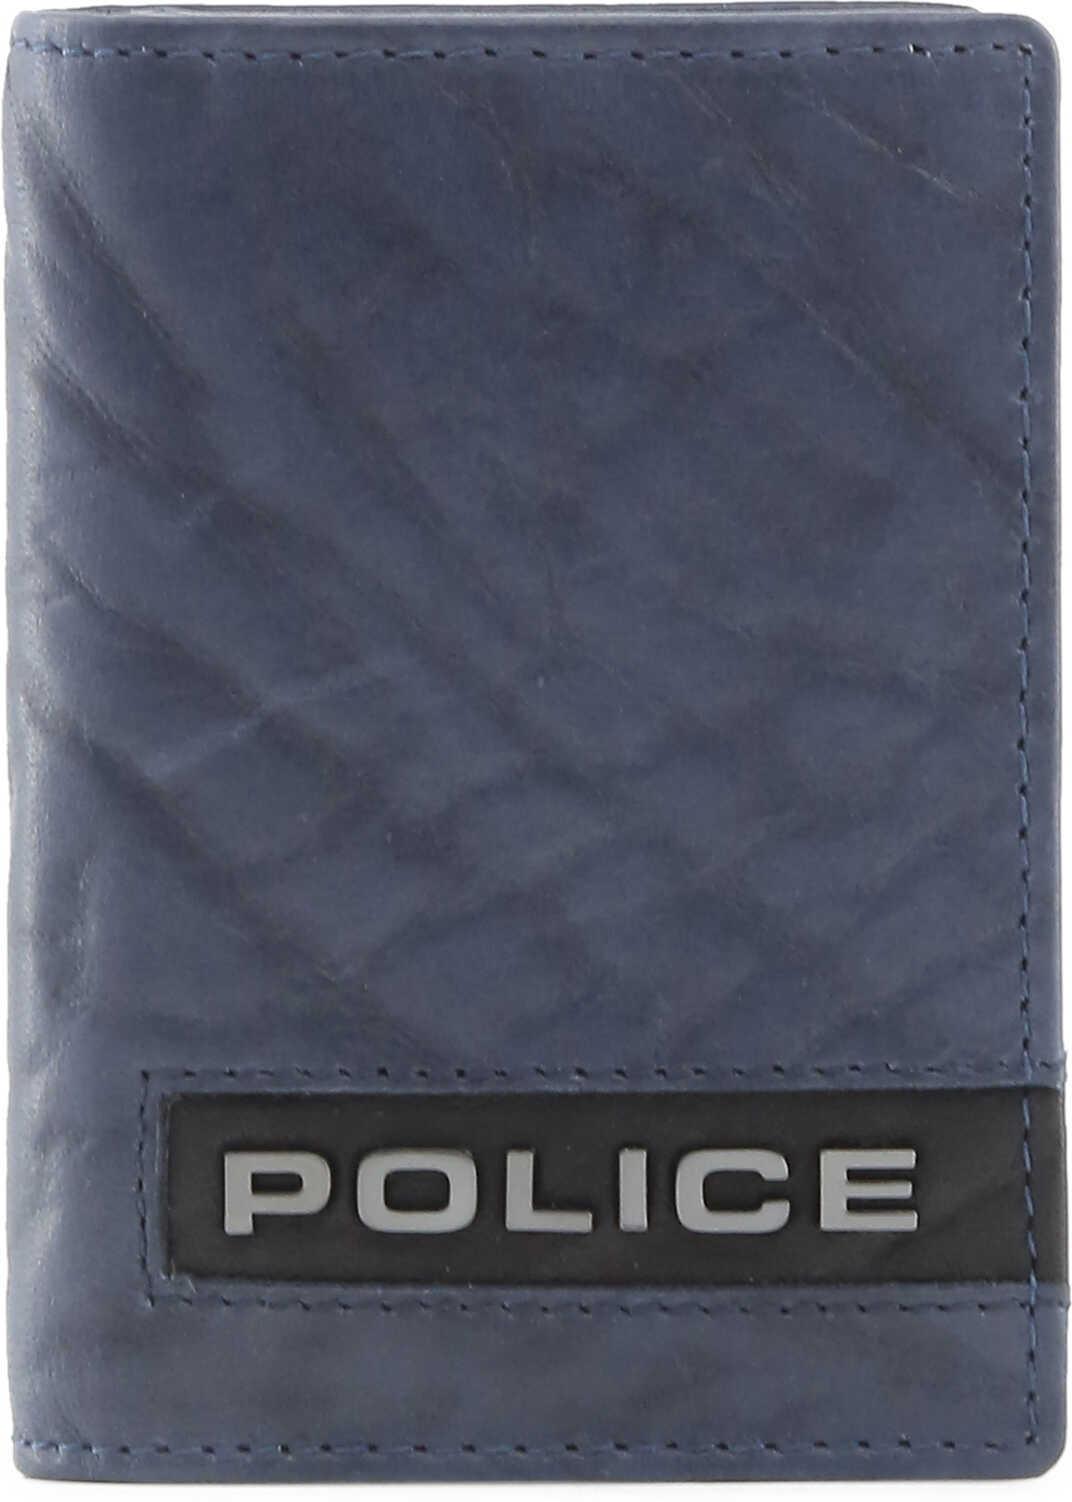 Police Pt308387 Blue